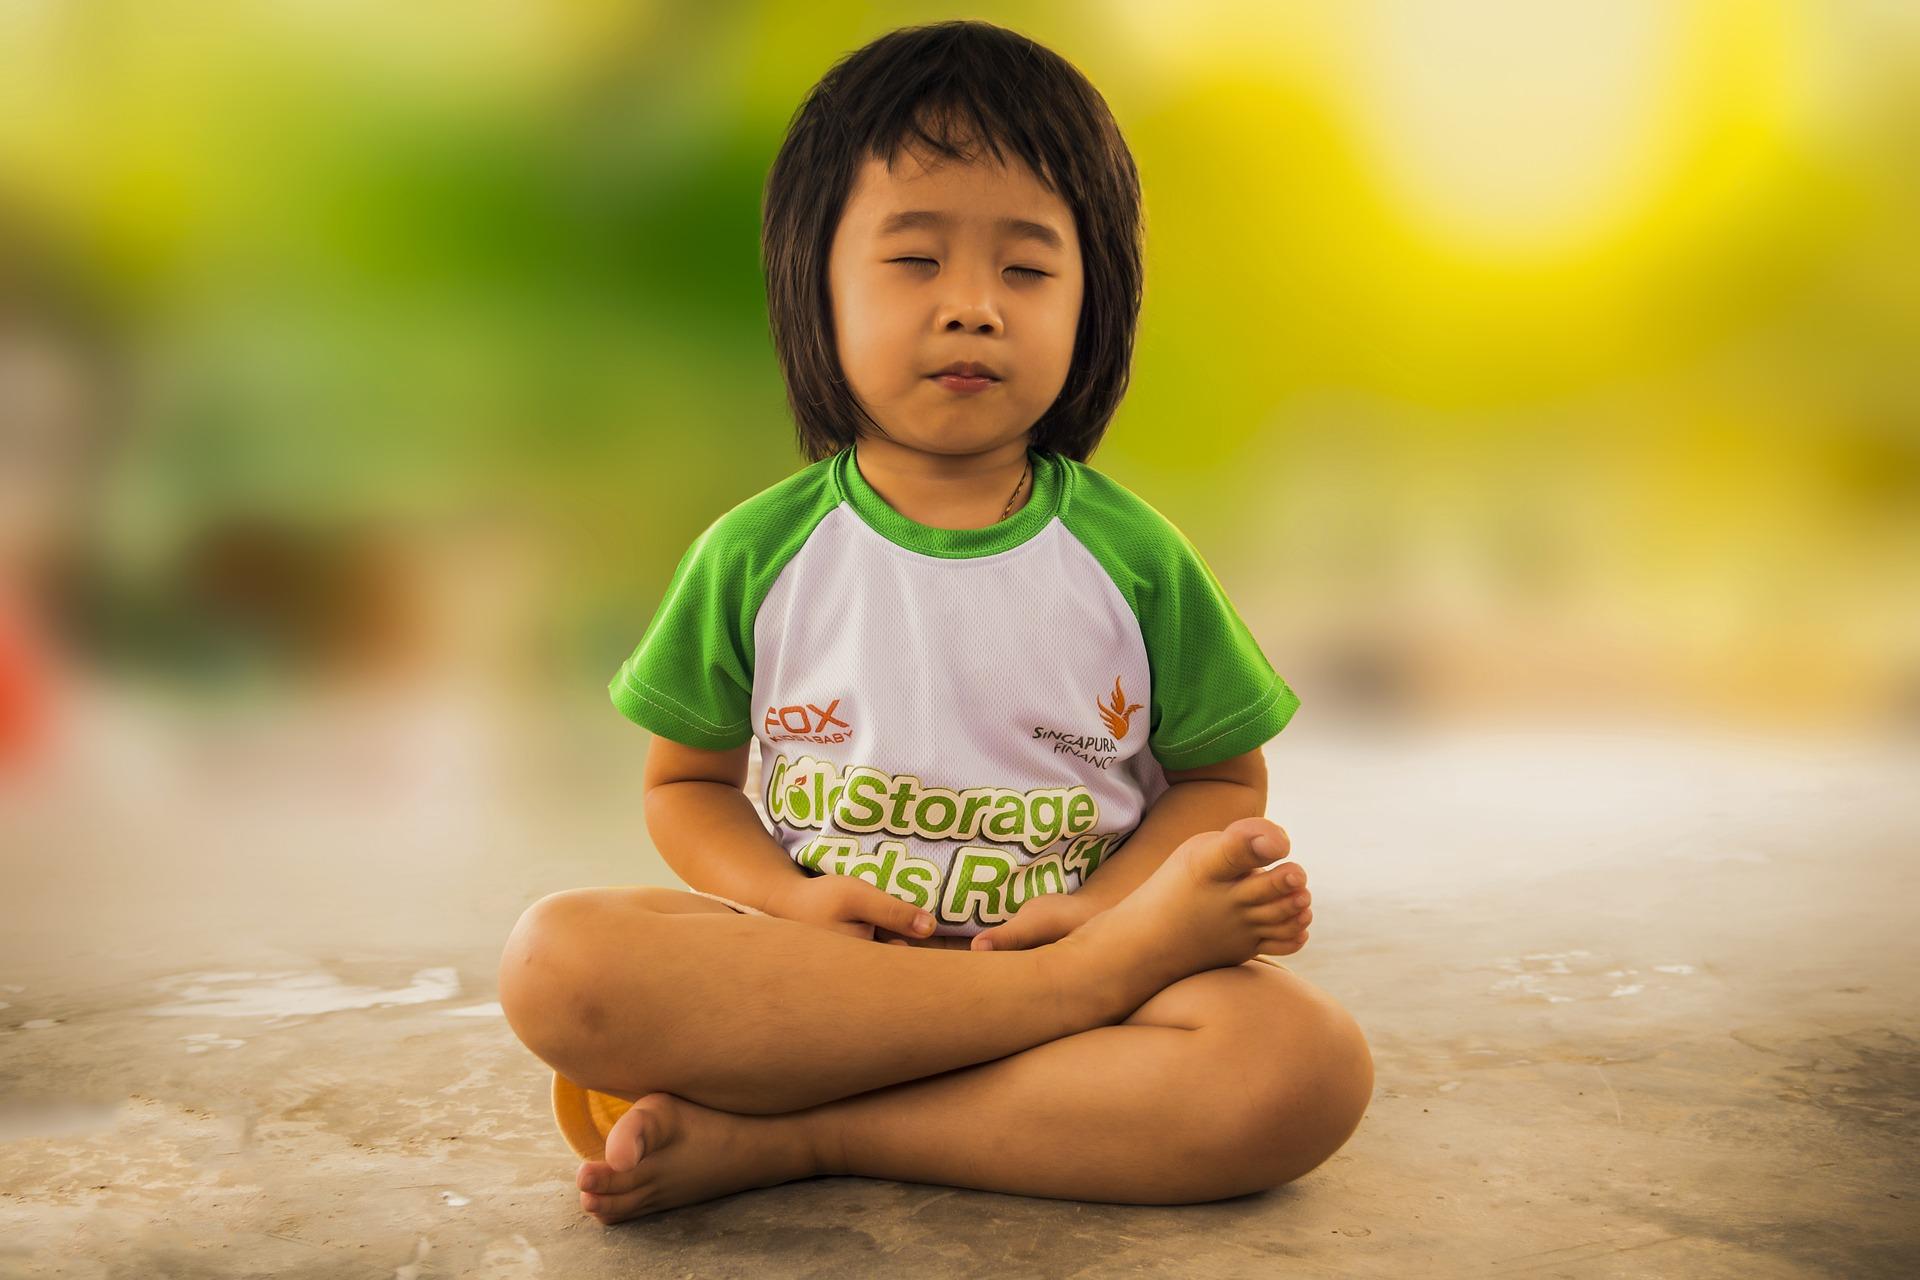 медитировать, но и приобретает целый набор важных навыков самоконтроля, включая внимательность, собранность, умение справляться со стрессом, контроль над импульсами и самосознание.